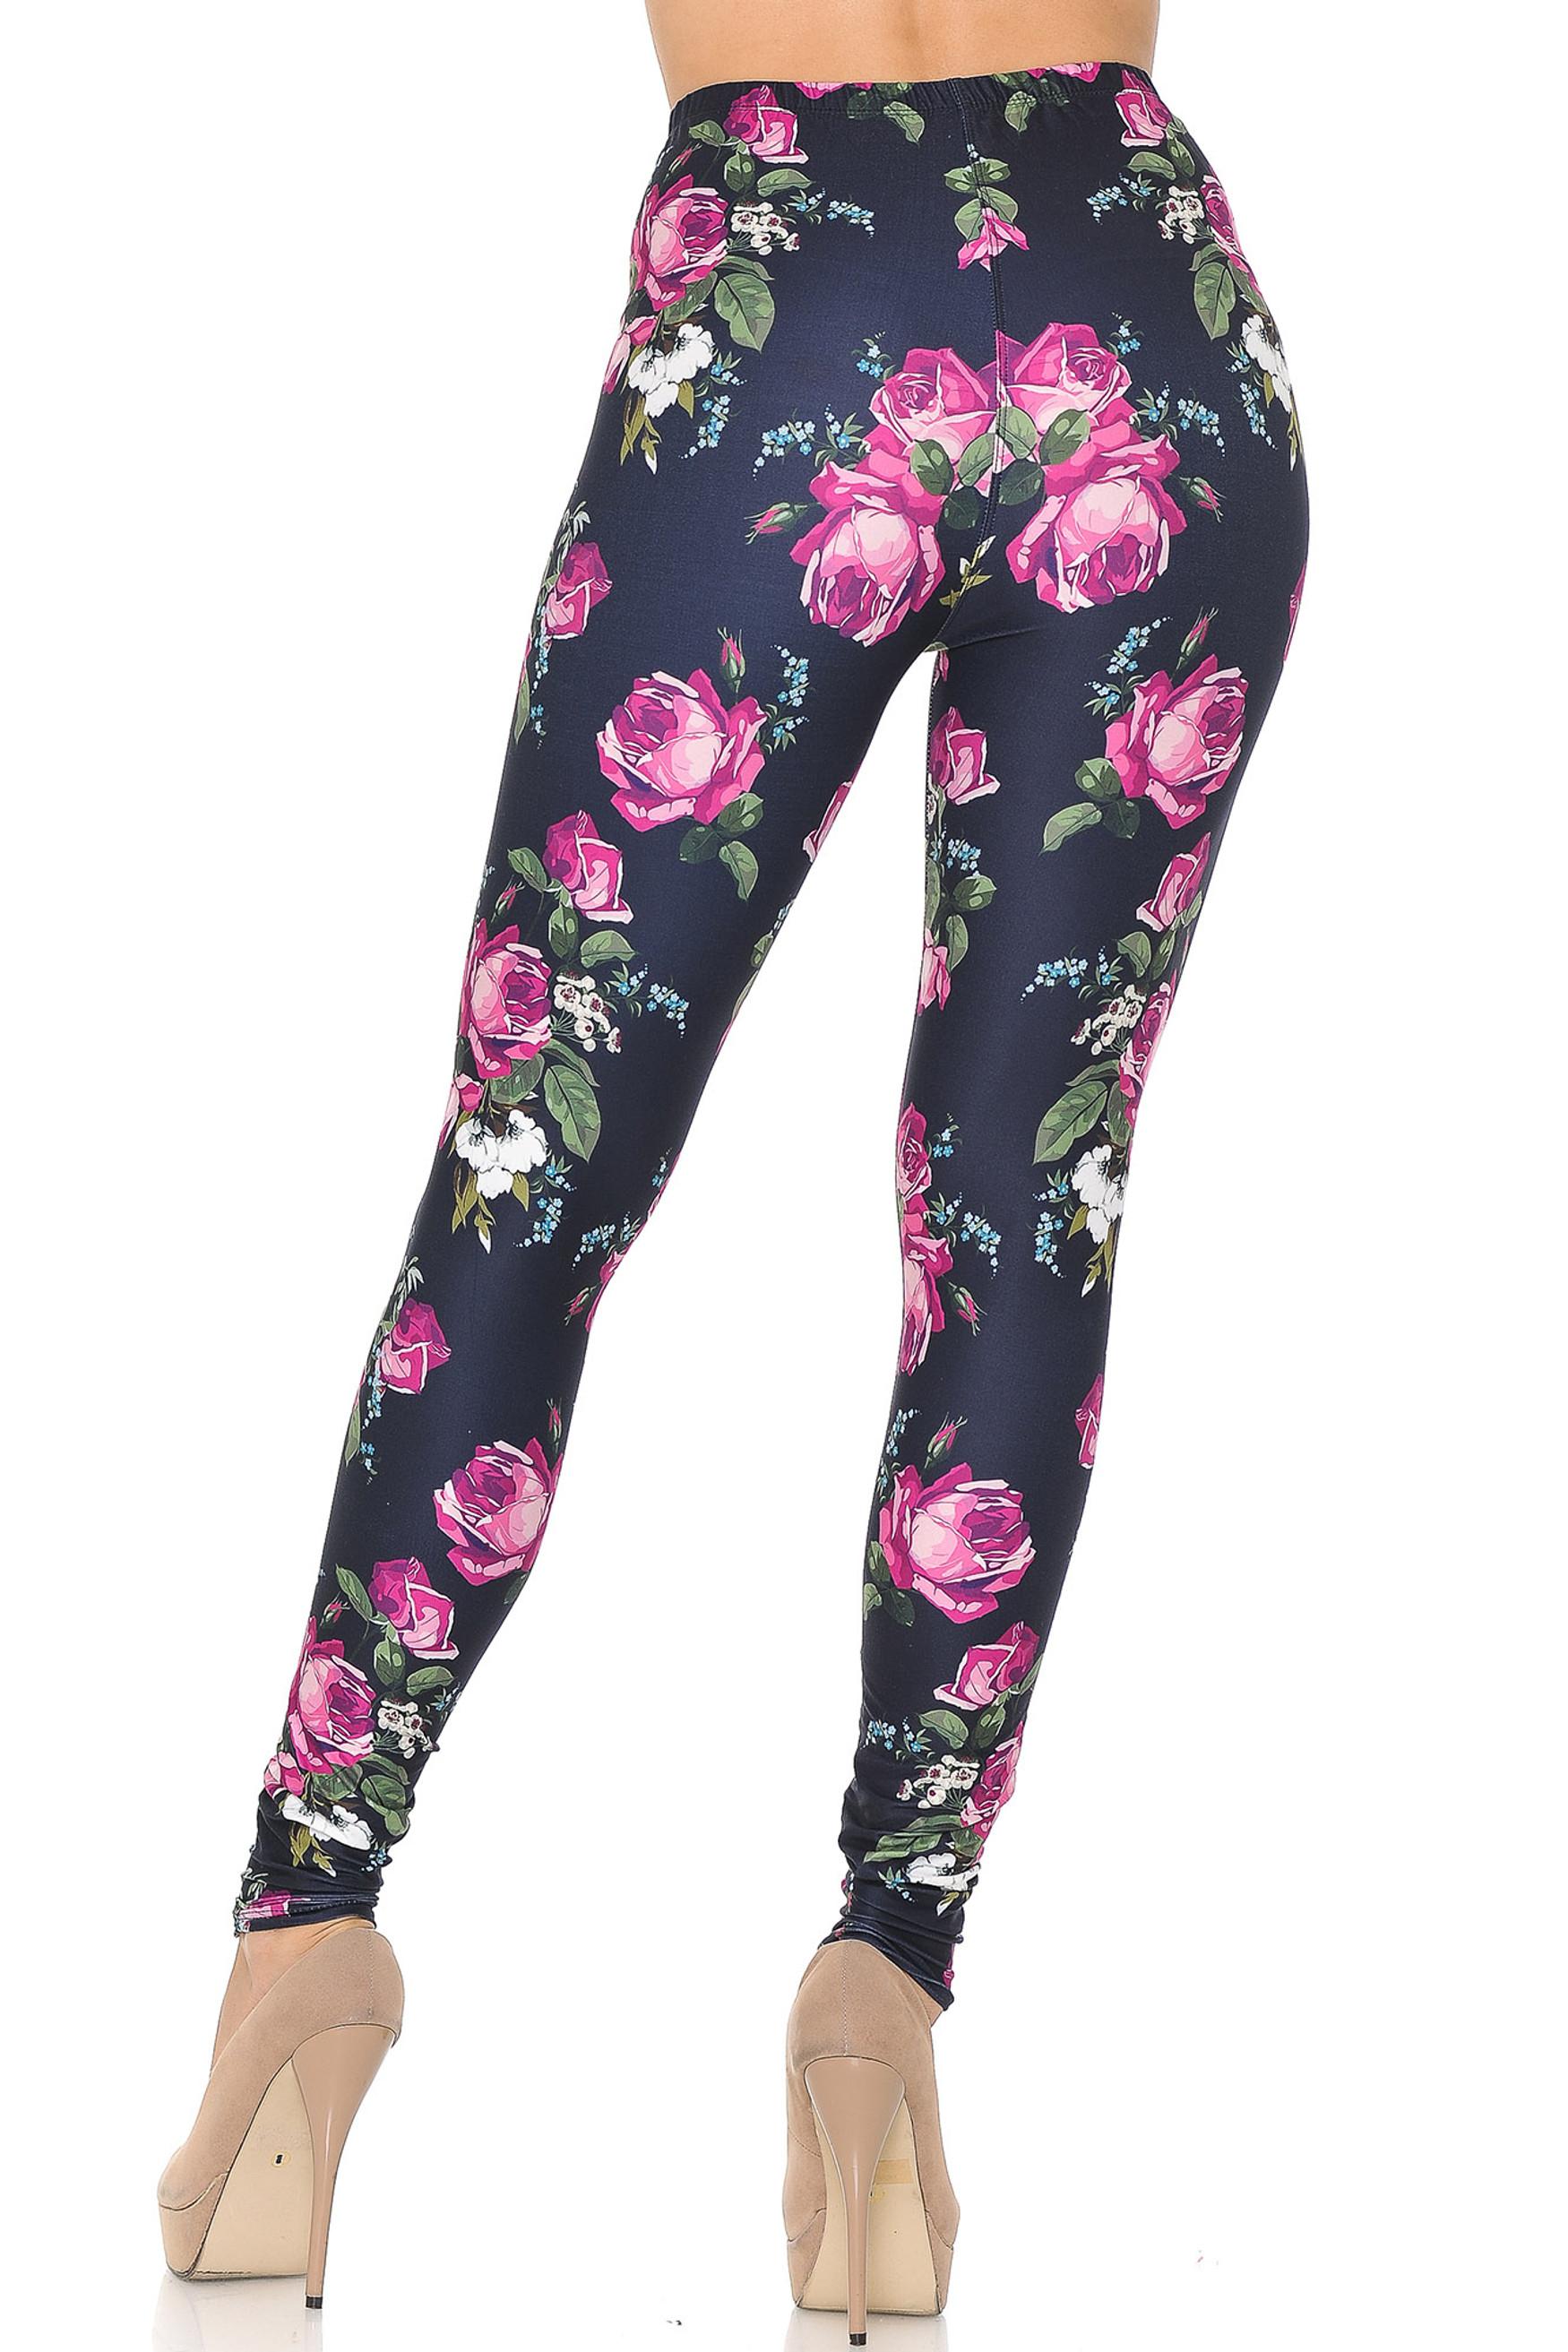 Creamy Soft Fuchsia Rose Extra Small Leggings - USA Fashion™